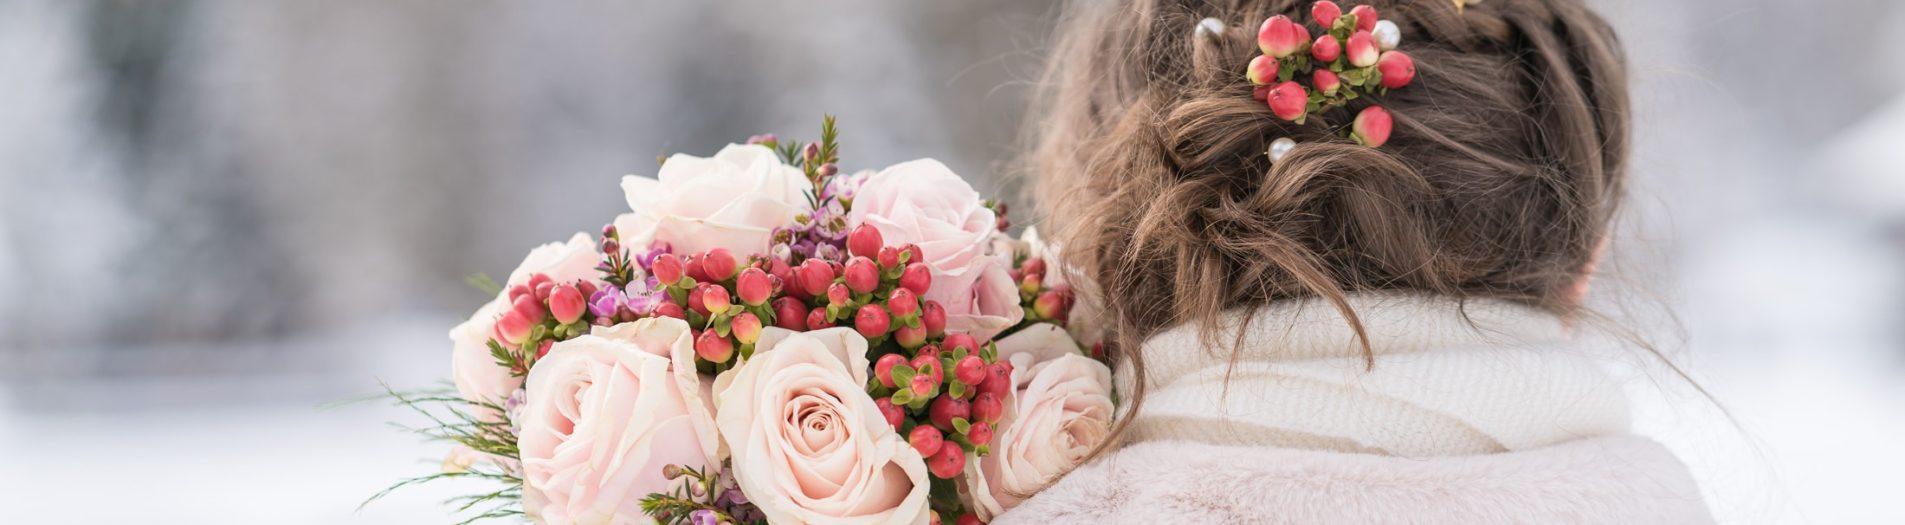 photo de la mariée dans la neige avec son joli bouquet